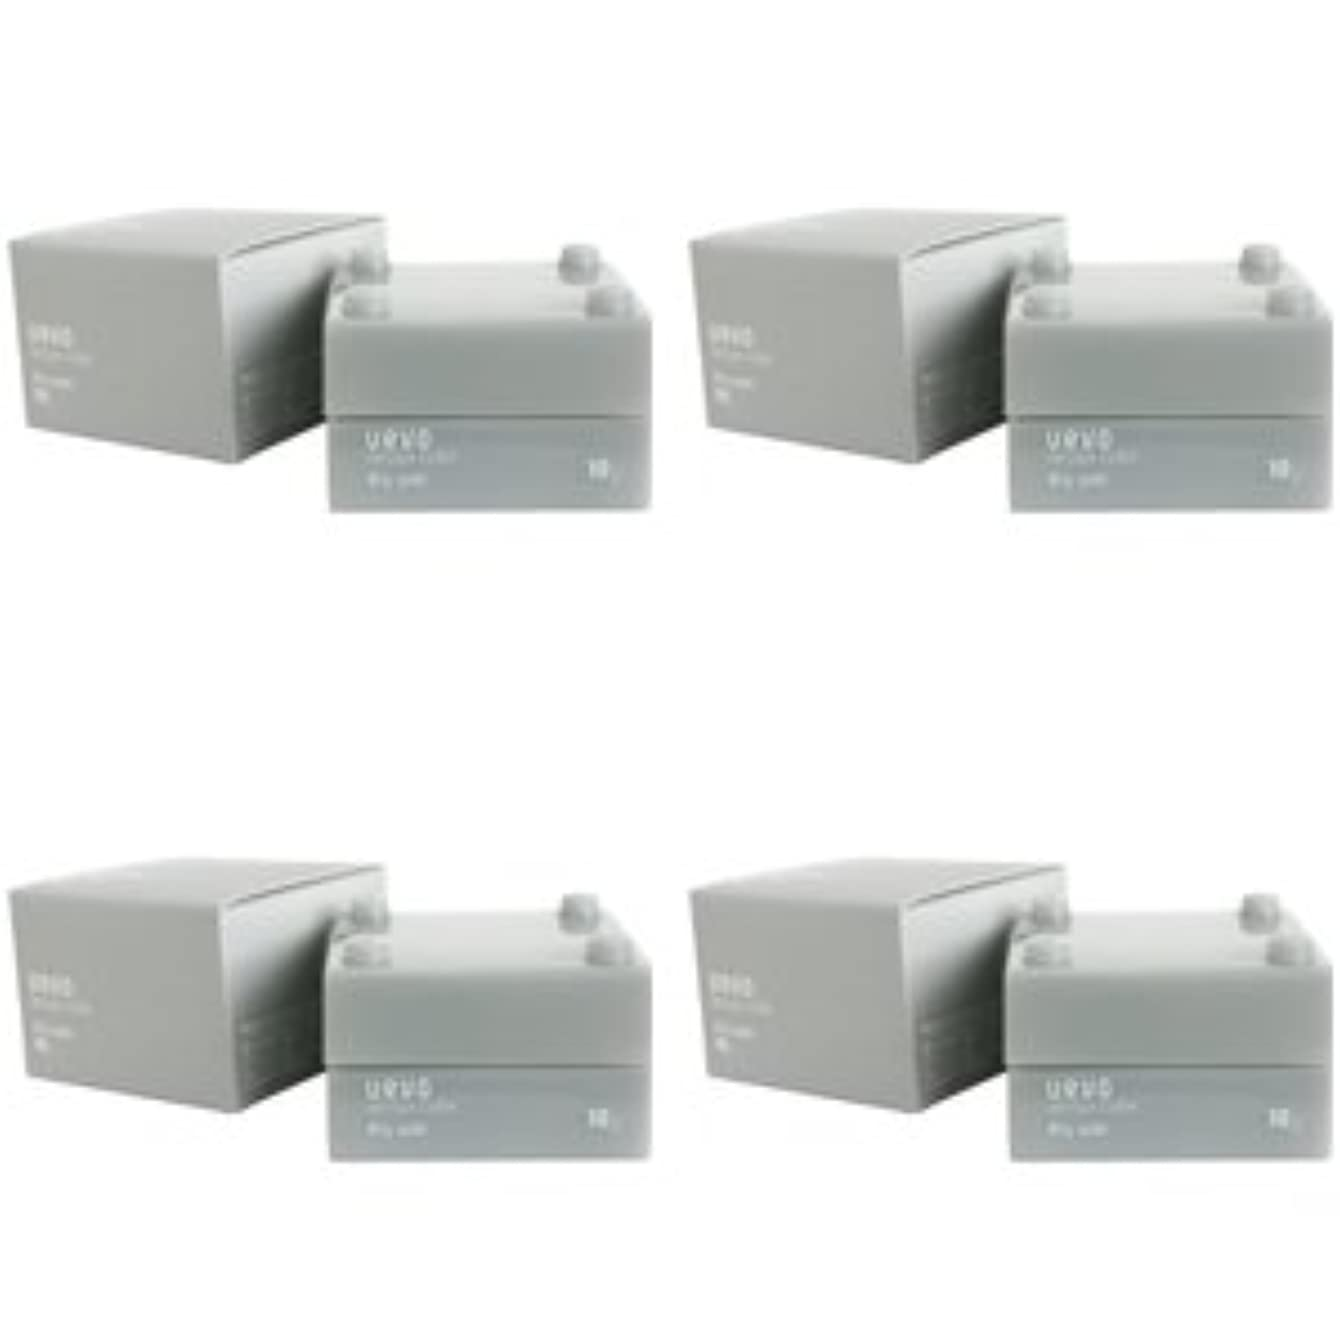 闘争侵入闘争【X4個セット】 デミ ウェーボ デザインキューブ ドライワックス 30g dry wax DEMI uevo design cube